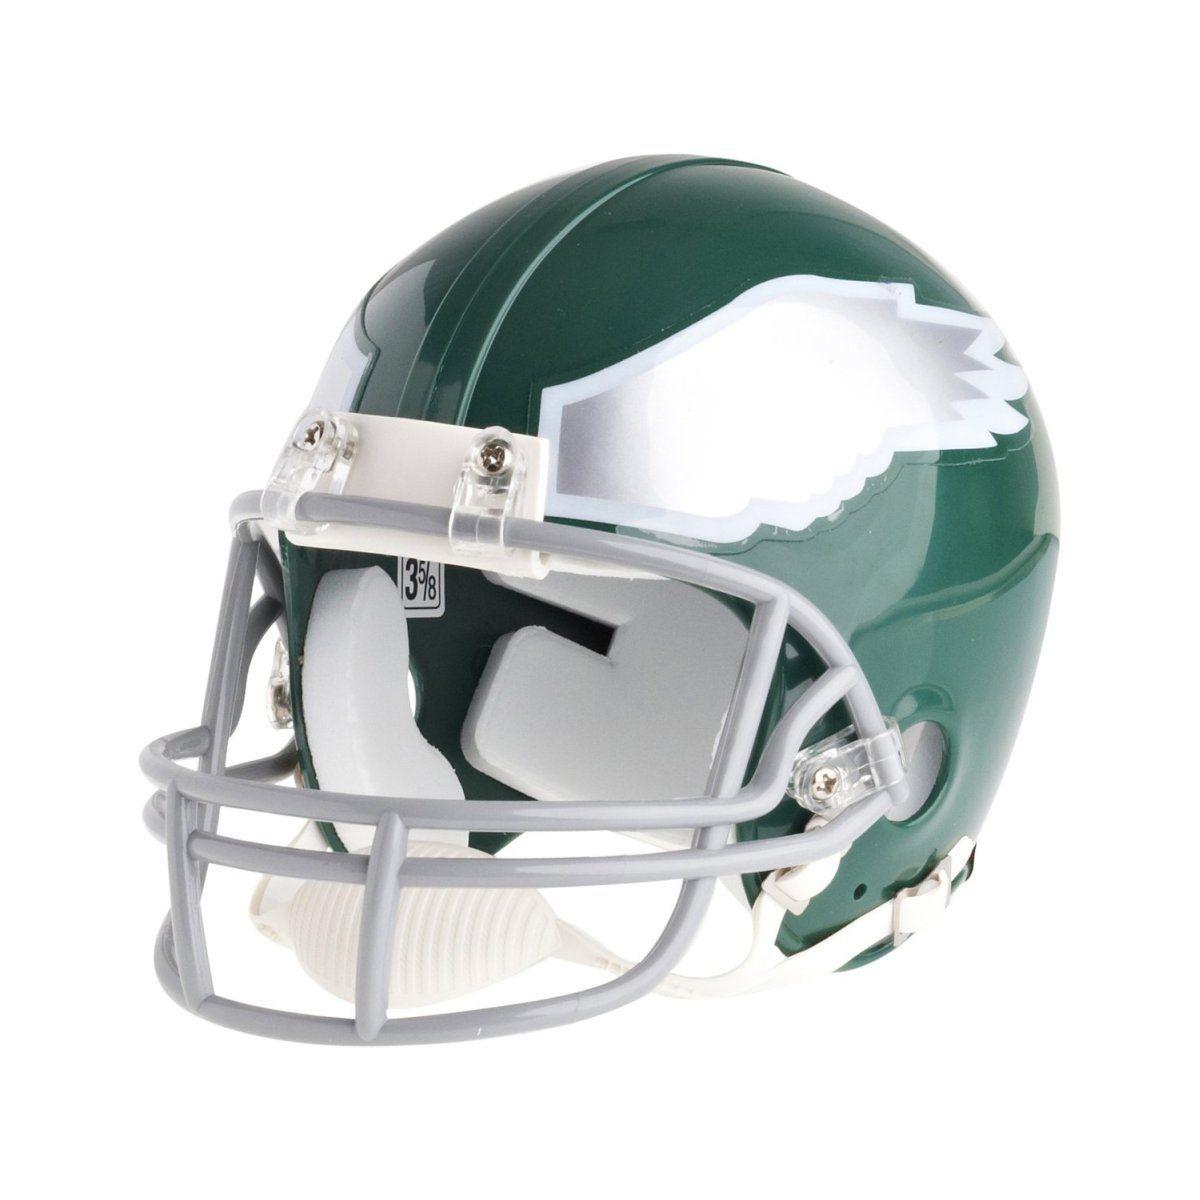 amfoo - Riddell VSR4 Mini Football Helm - Philadelphia Eagles 74-95